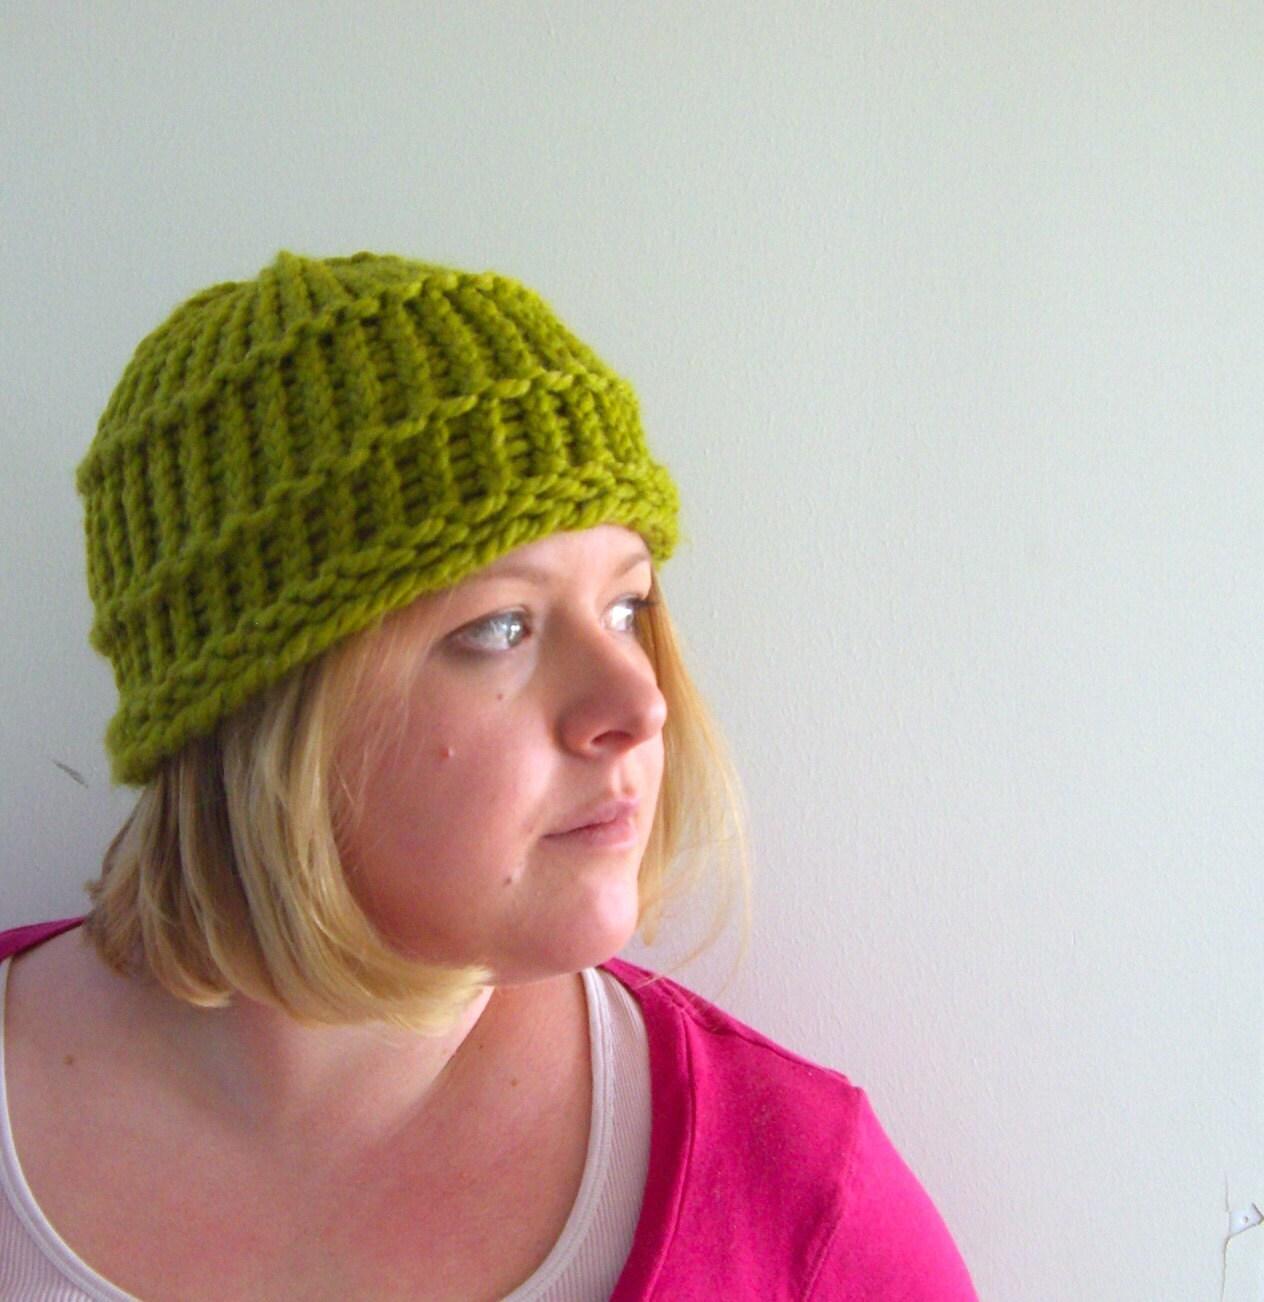 Knit spring hat in Lemon Grass Green  faces of utahetsy